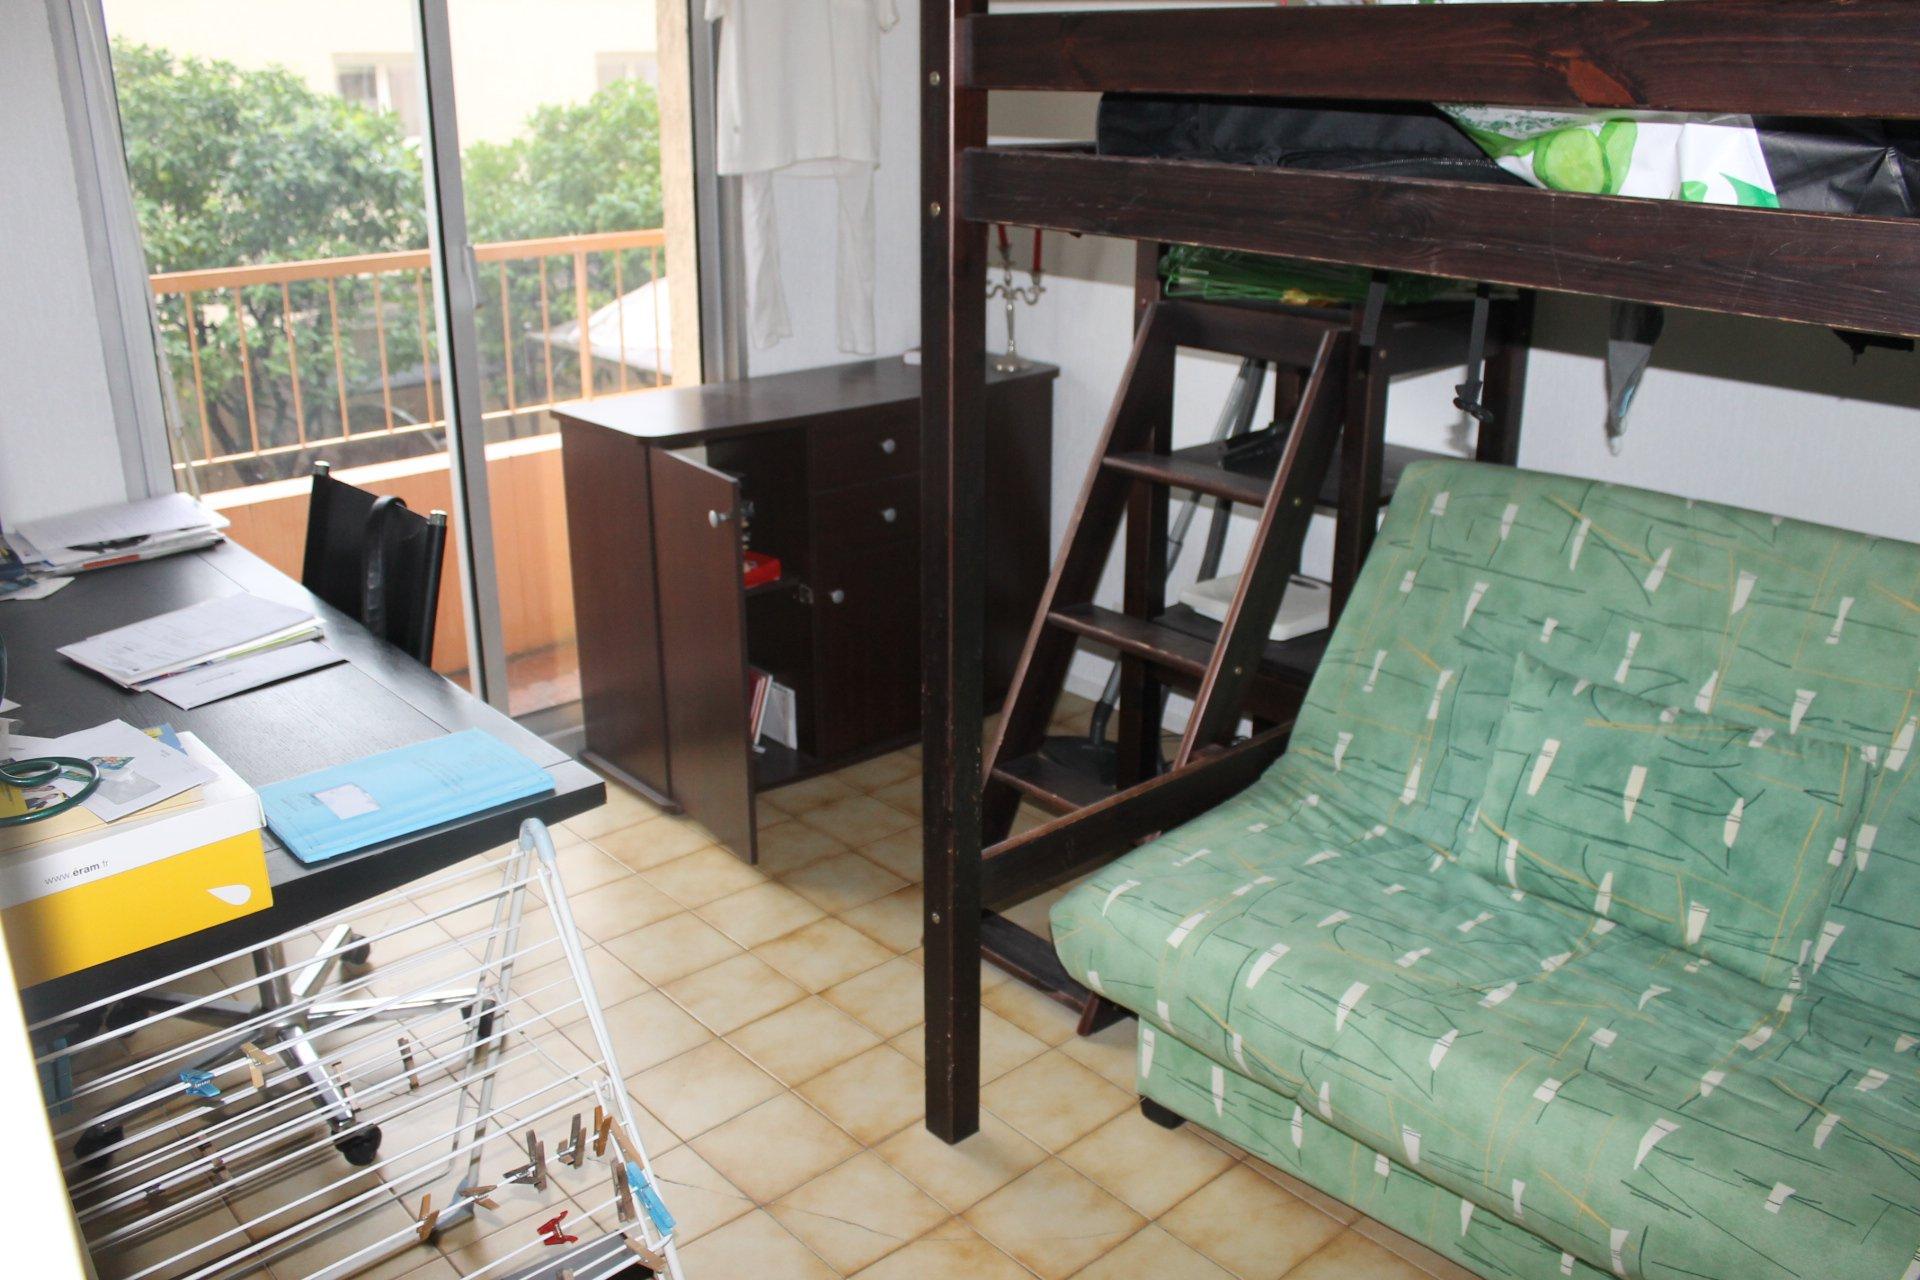 LA TRINITE : EXCLUSIVITE : Appartement 3 Pièces avec dépendances